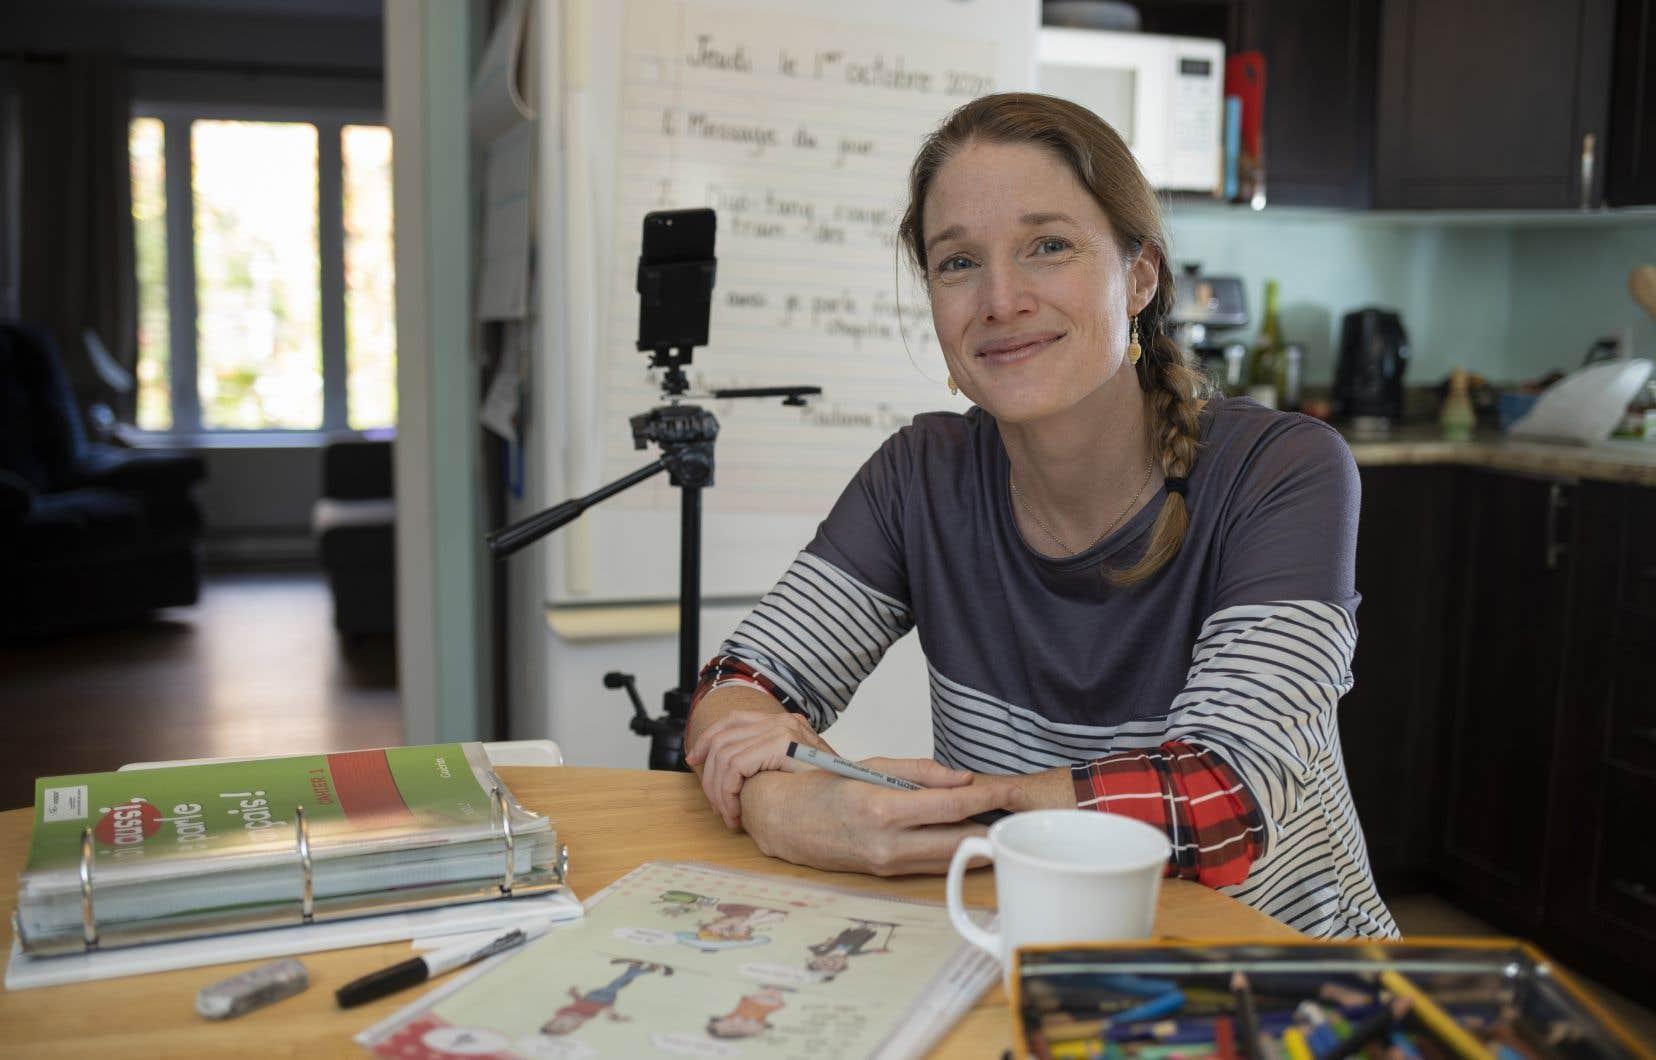 Catherine Gaudette enseigne dans une classe d'accueil de l'école Sans-Frontières, située en basse-ville de Québec.